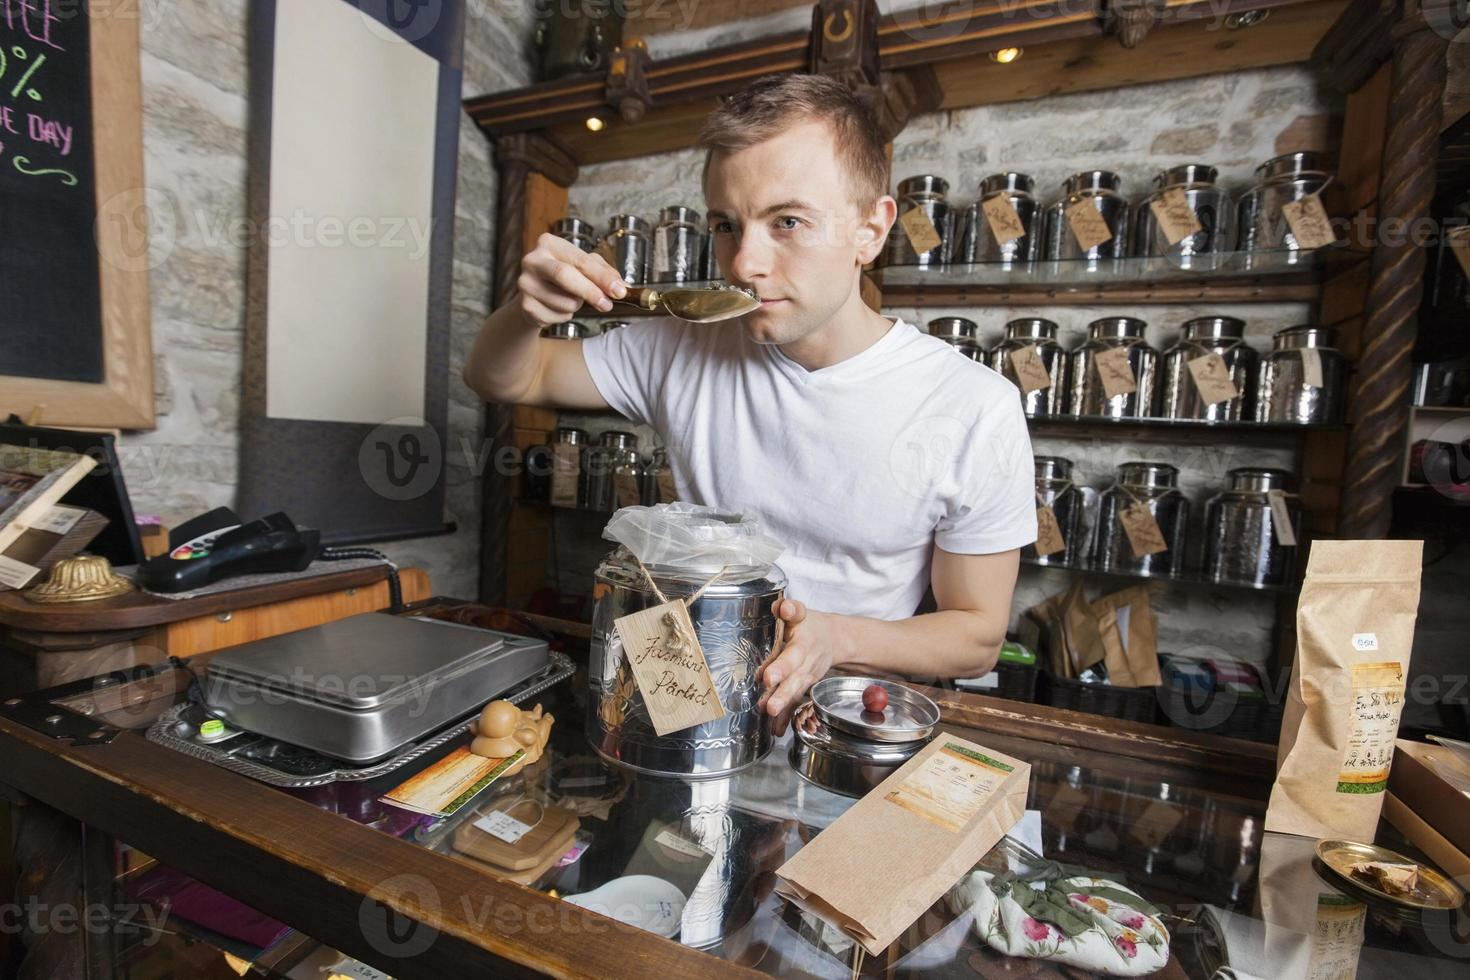 Verkäufer riecht Tee im Laden foto